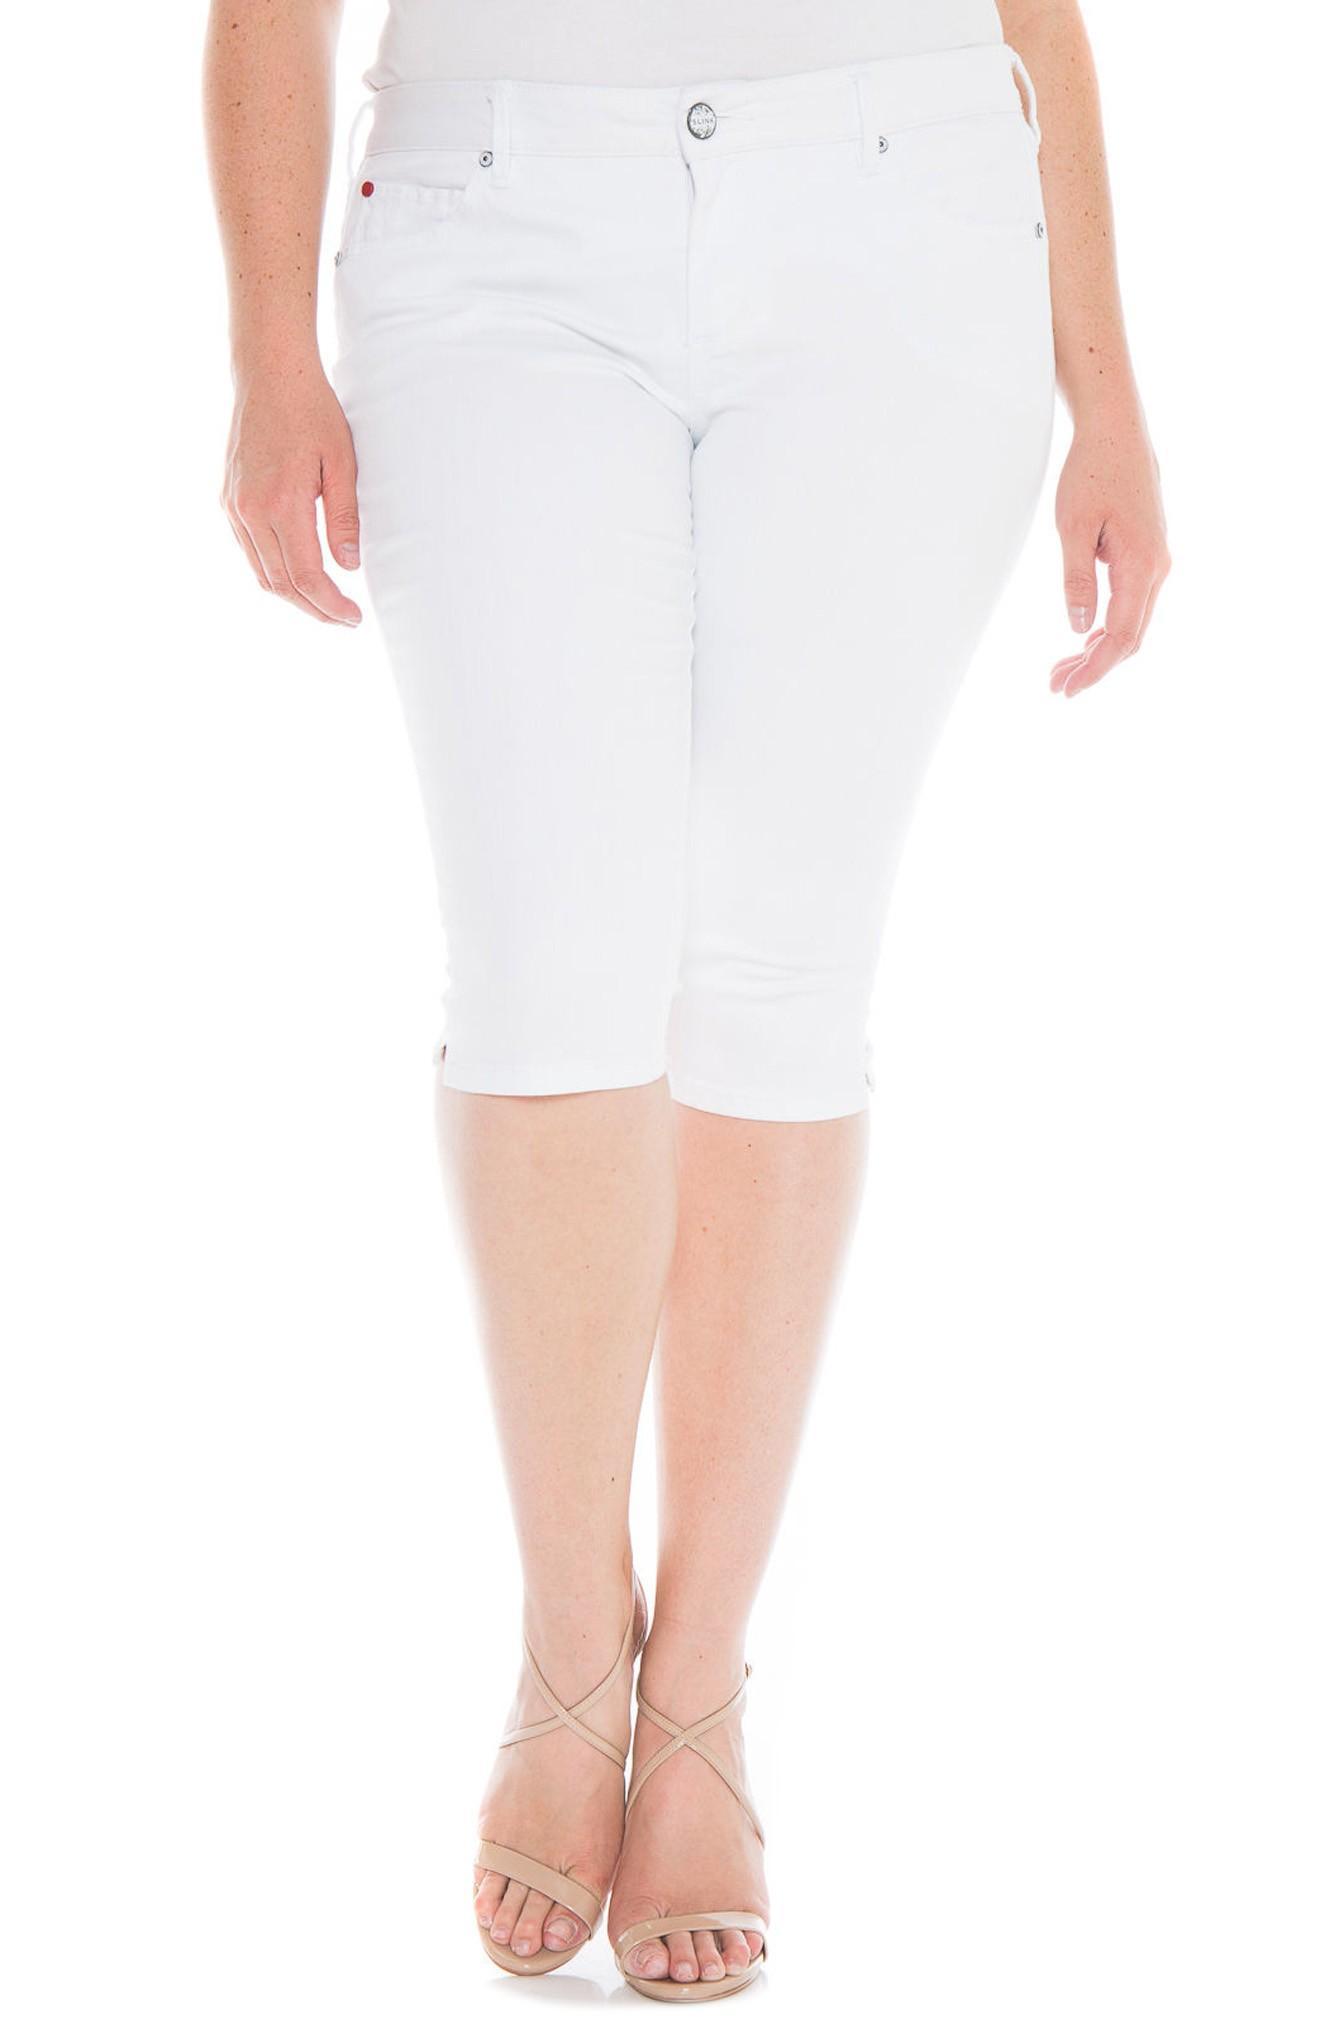 Slink Jeans Pirate Skinny Capri Jeans In White